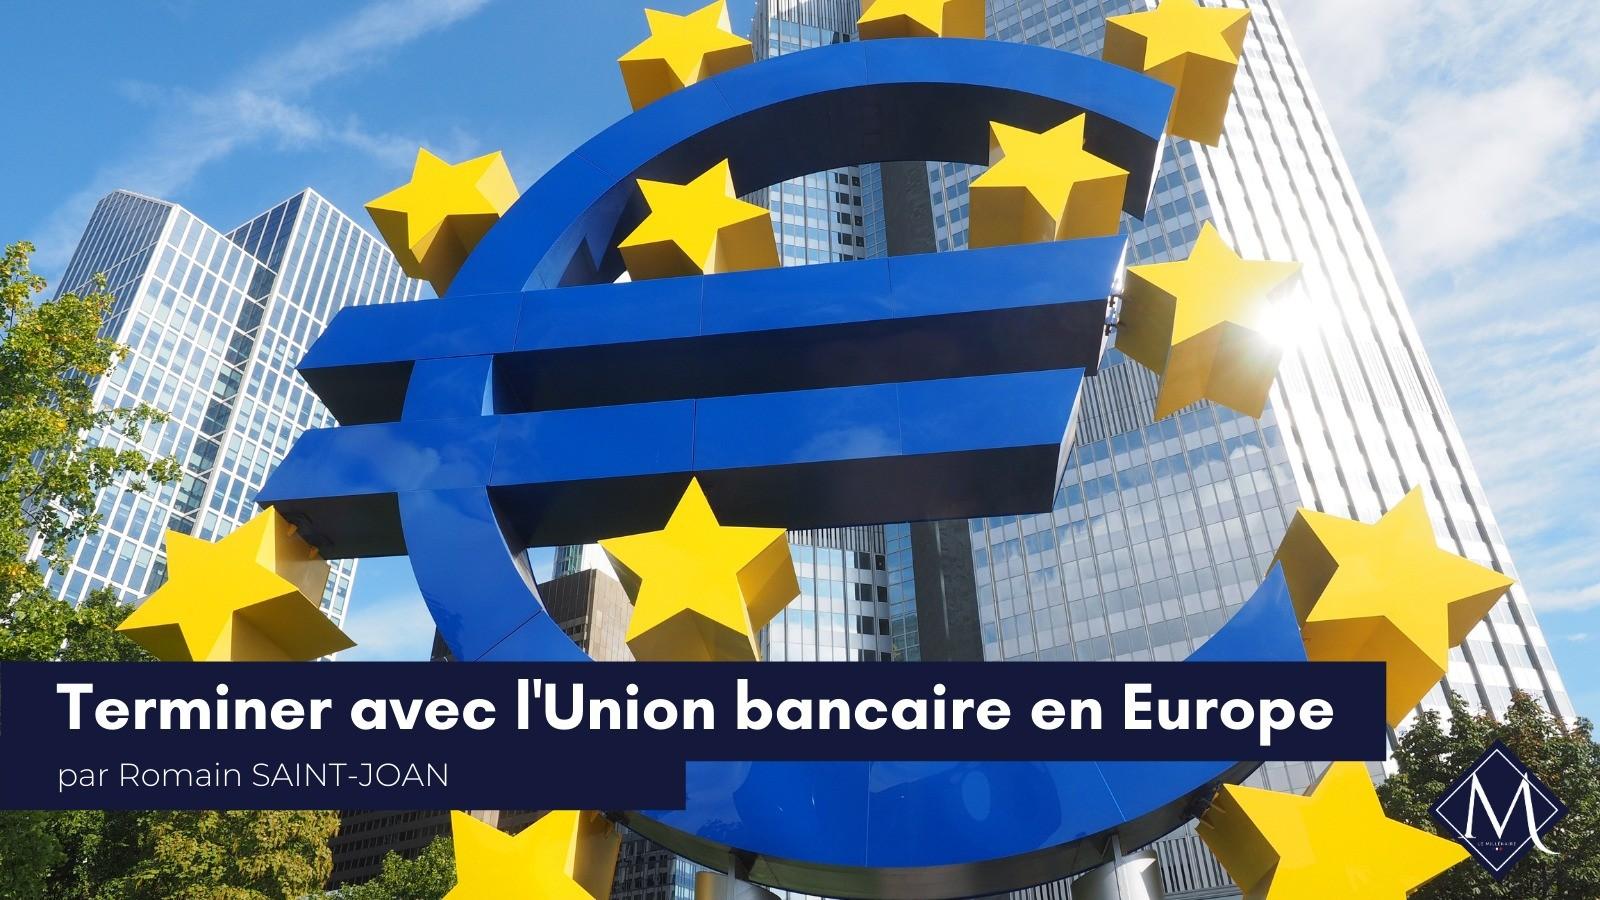 Terminer l'union bancaire en Europe